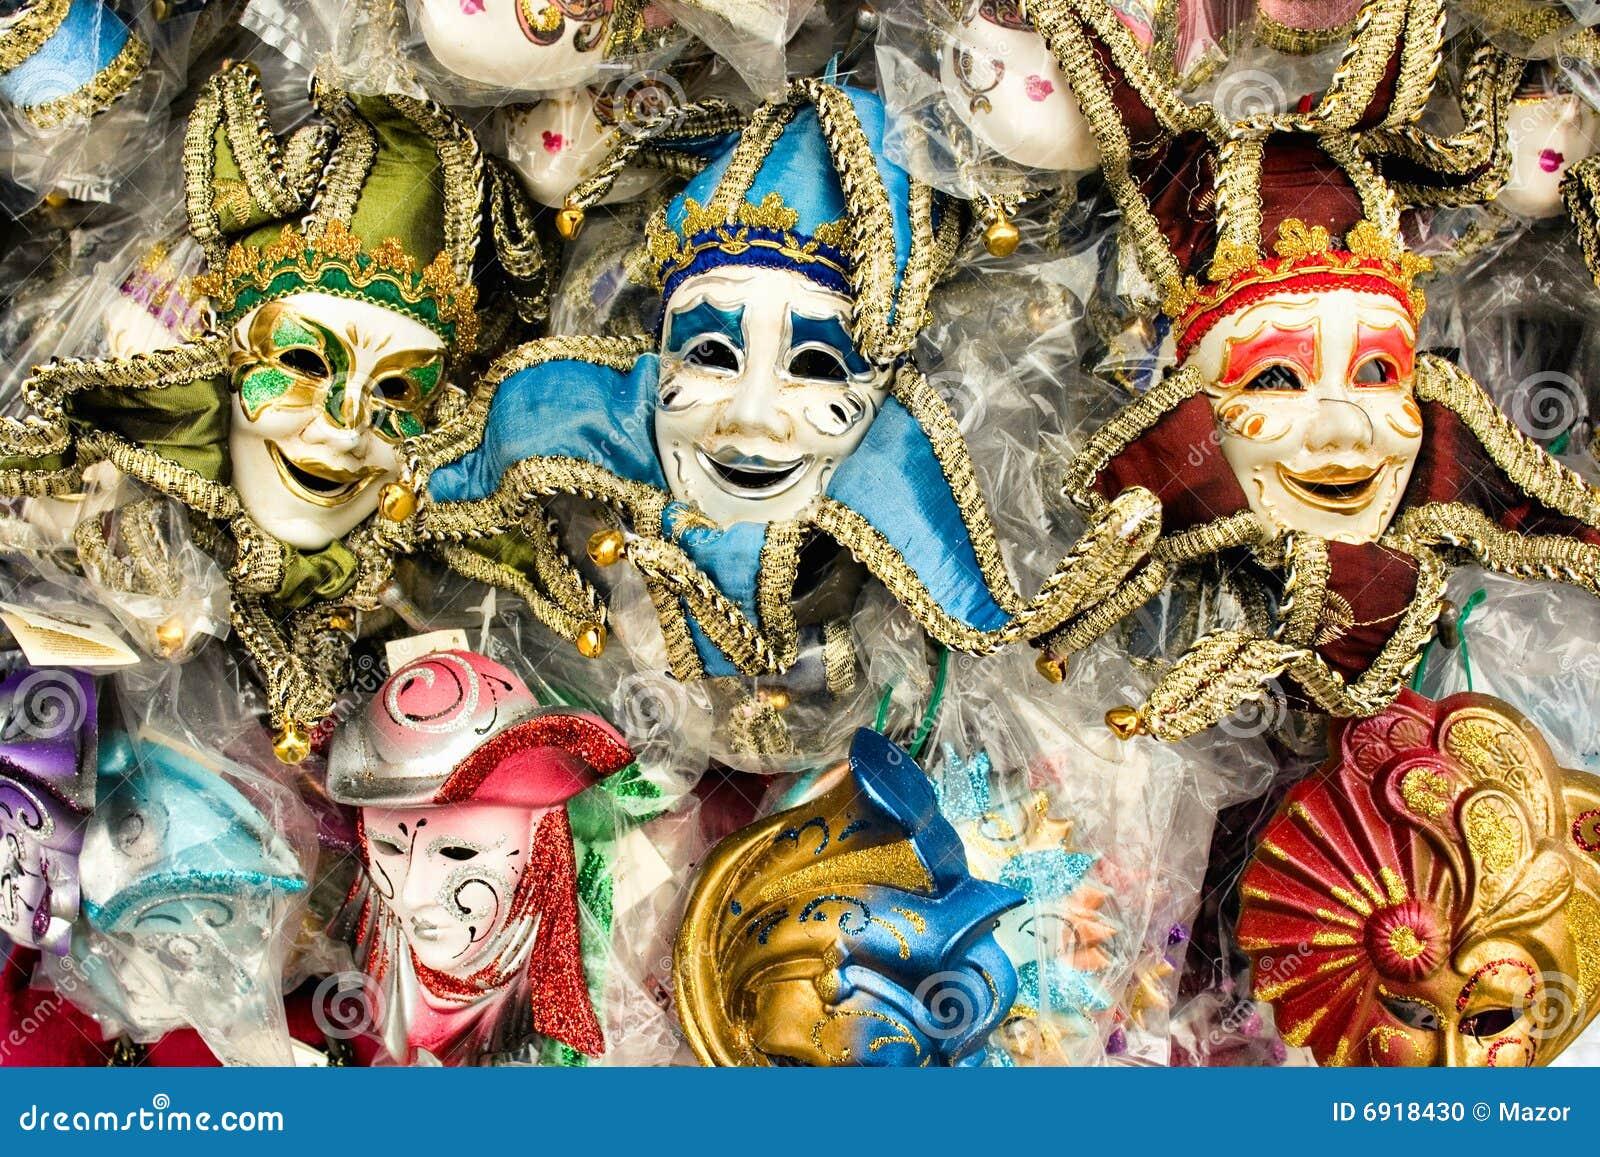 M scaras coloridas del carnaval de venecia foto de - Mascaras de carnaval de venecia ...